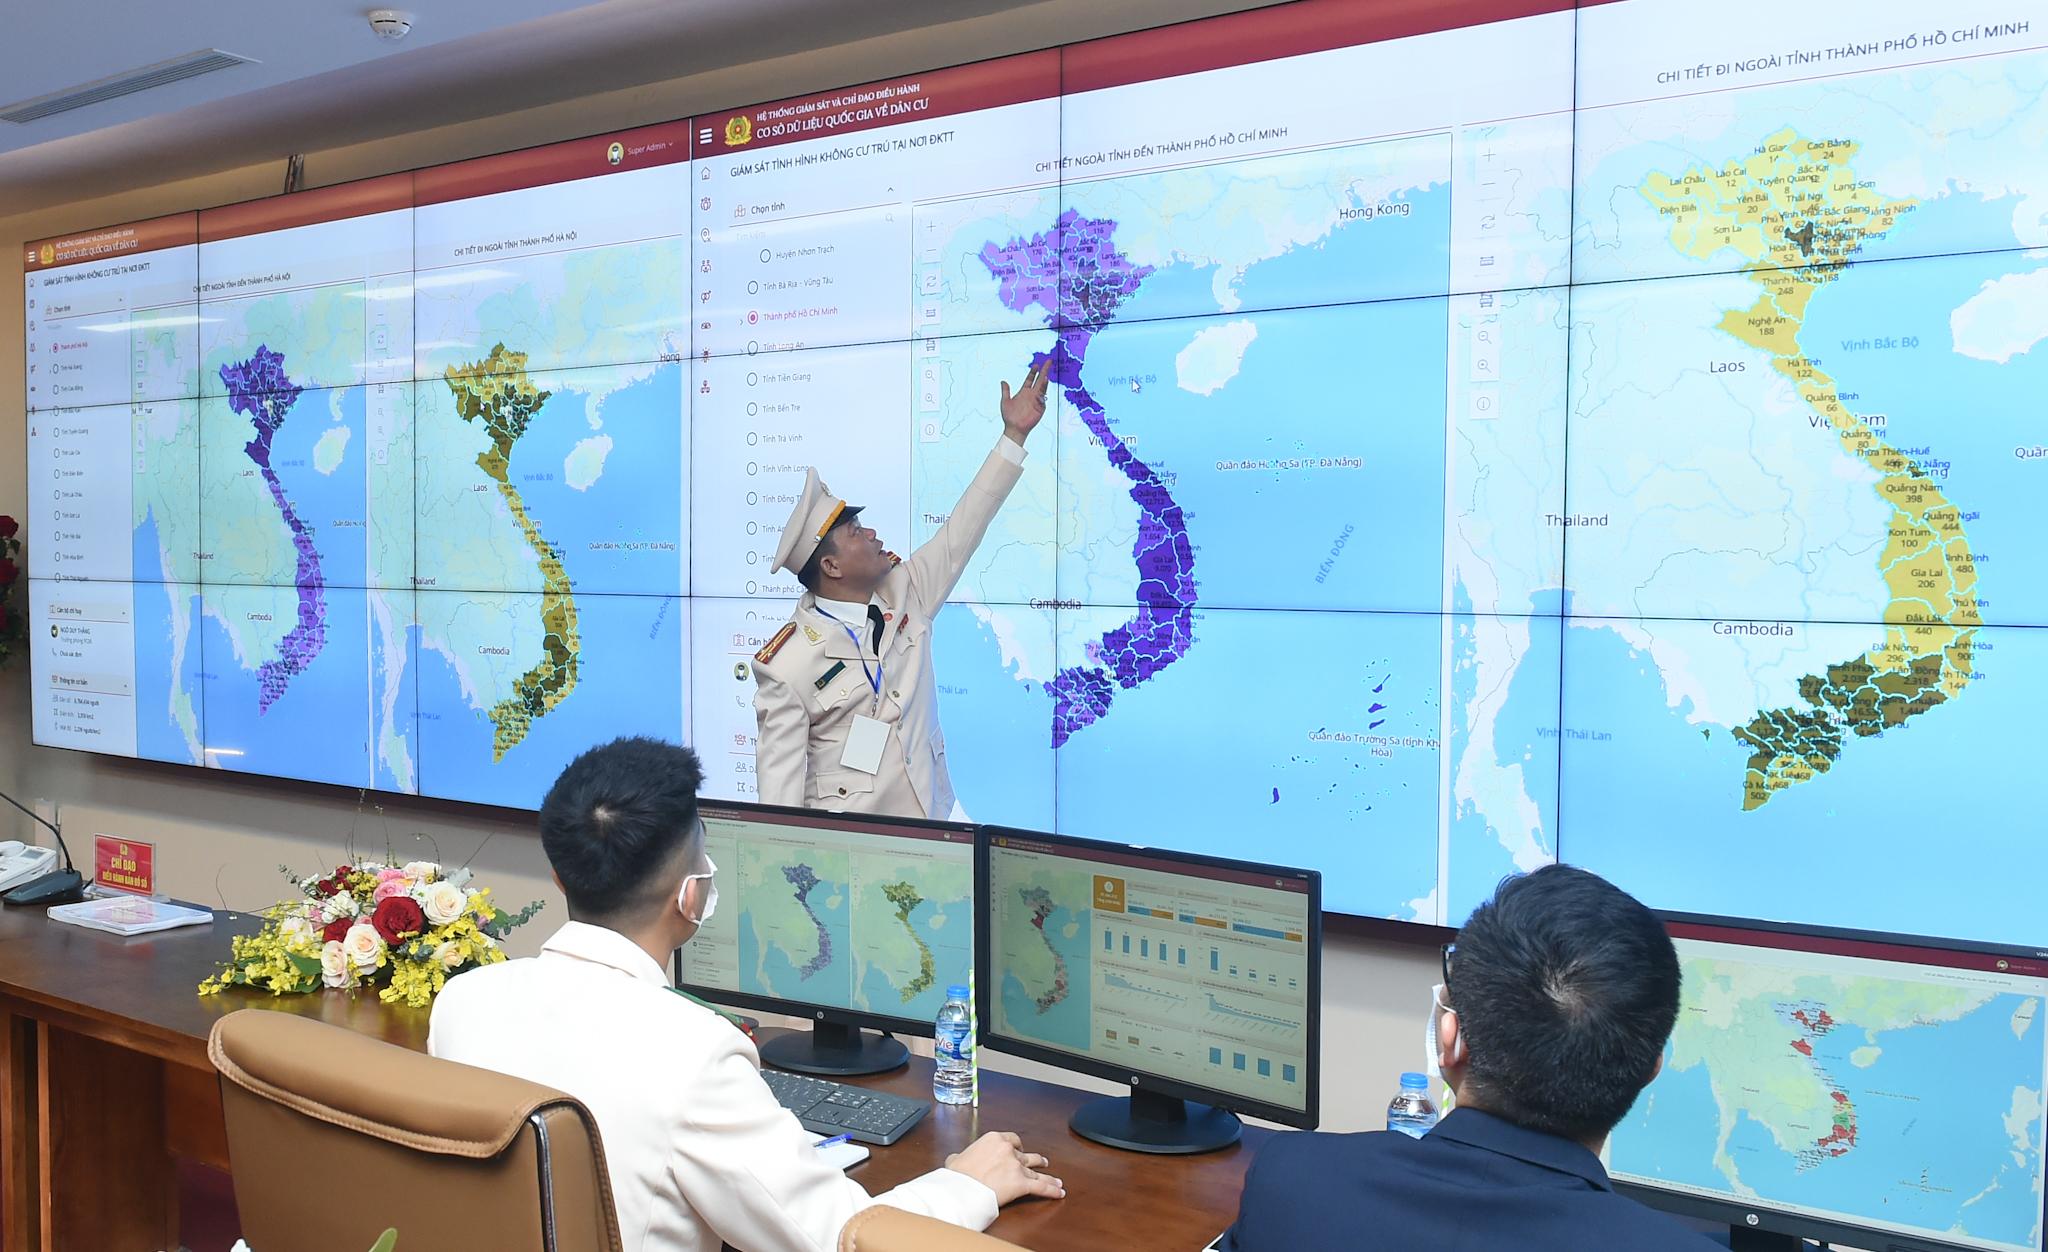 Thủ tướng dự khai trương 2 hệ thống CSDL phục vụ lợi ích cho mọi người dân 2